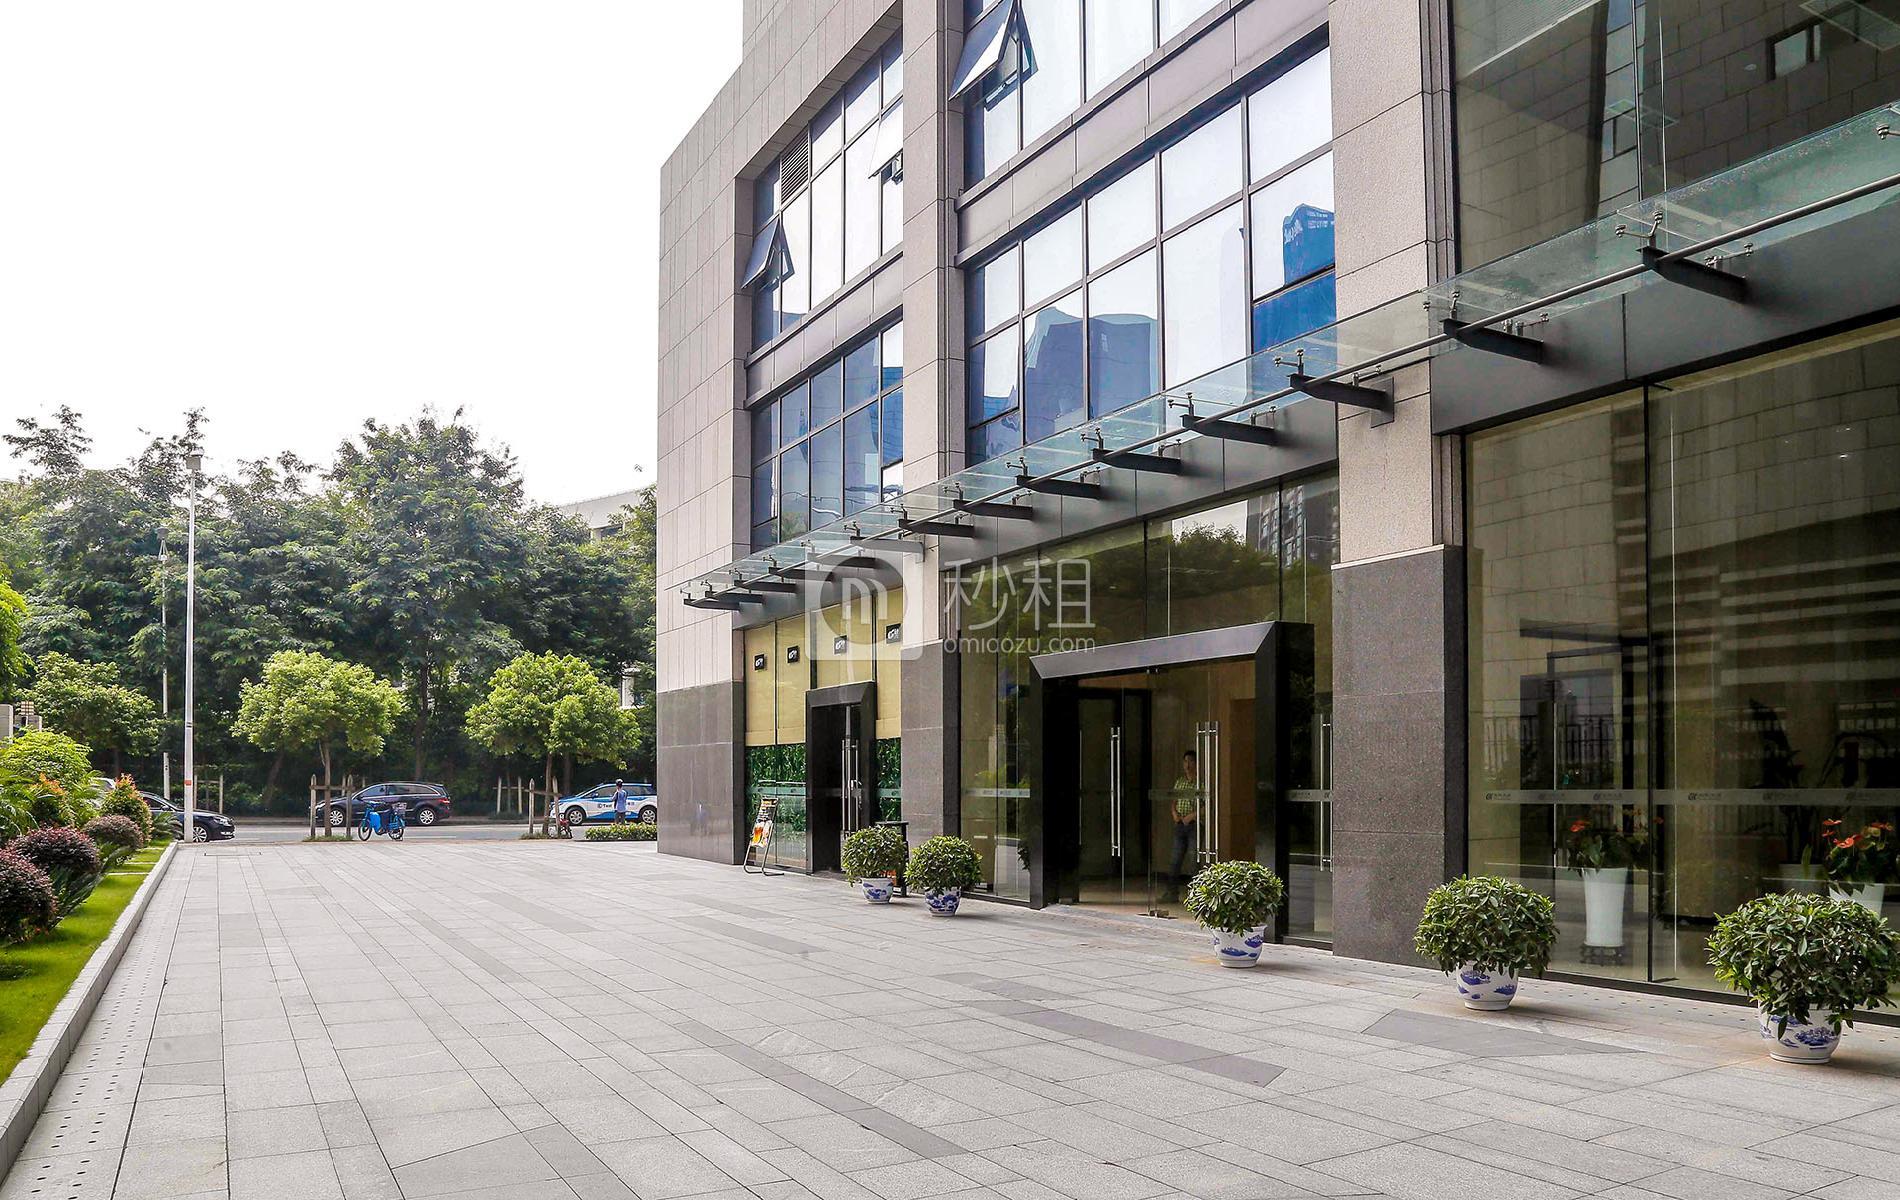 北科大厦写字楼出租/招租/租赁,北科大厦办公室出租/招租/租赁